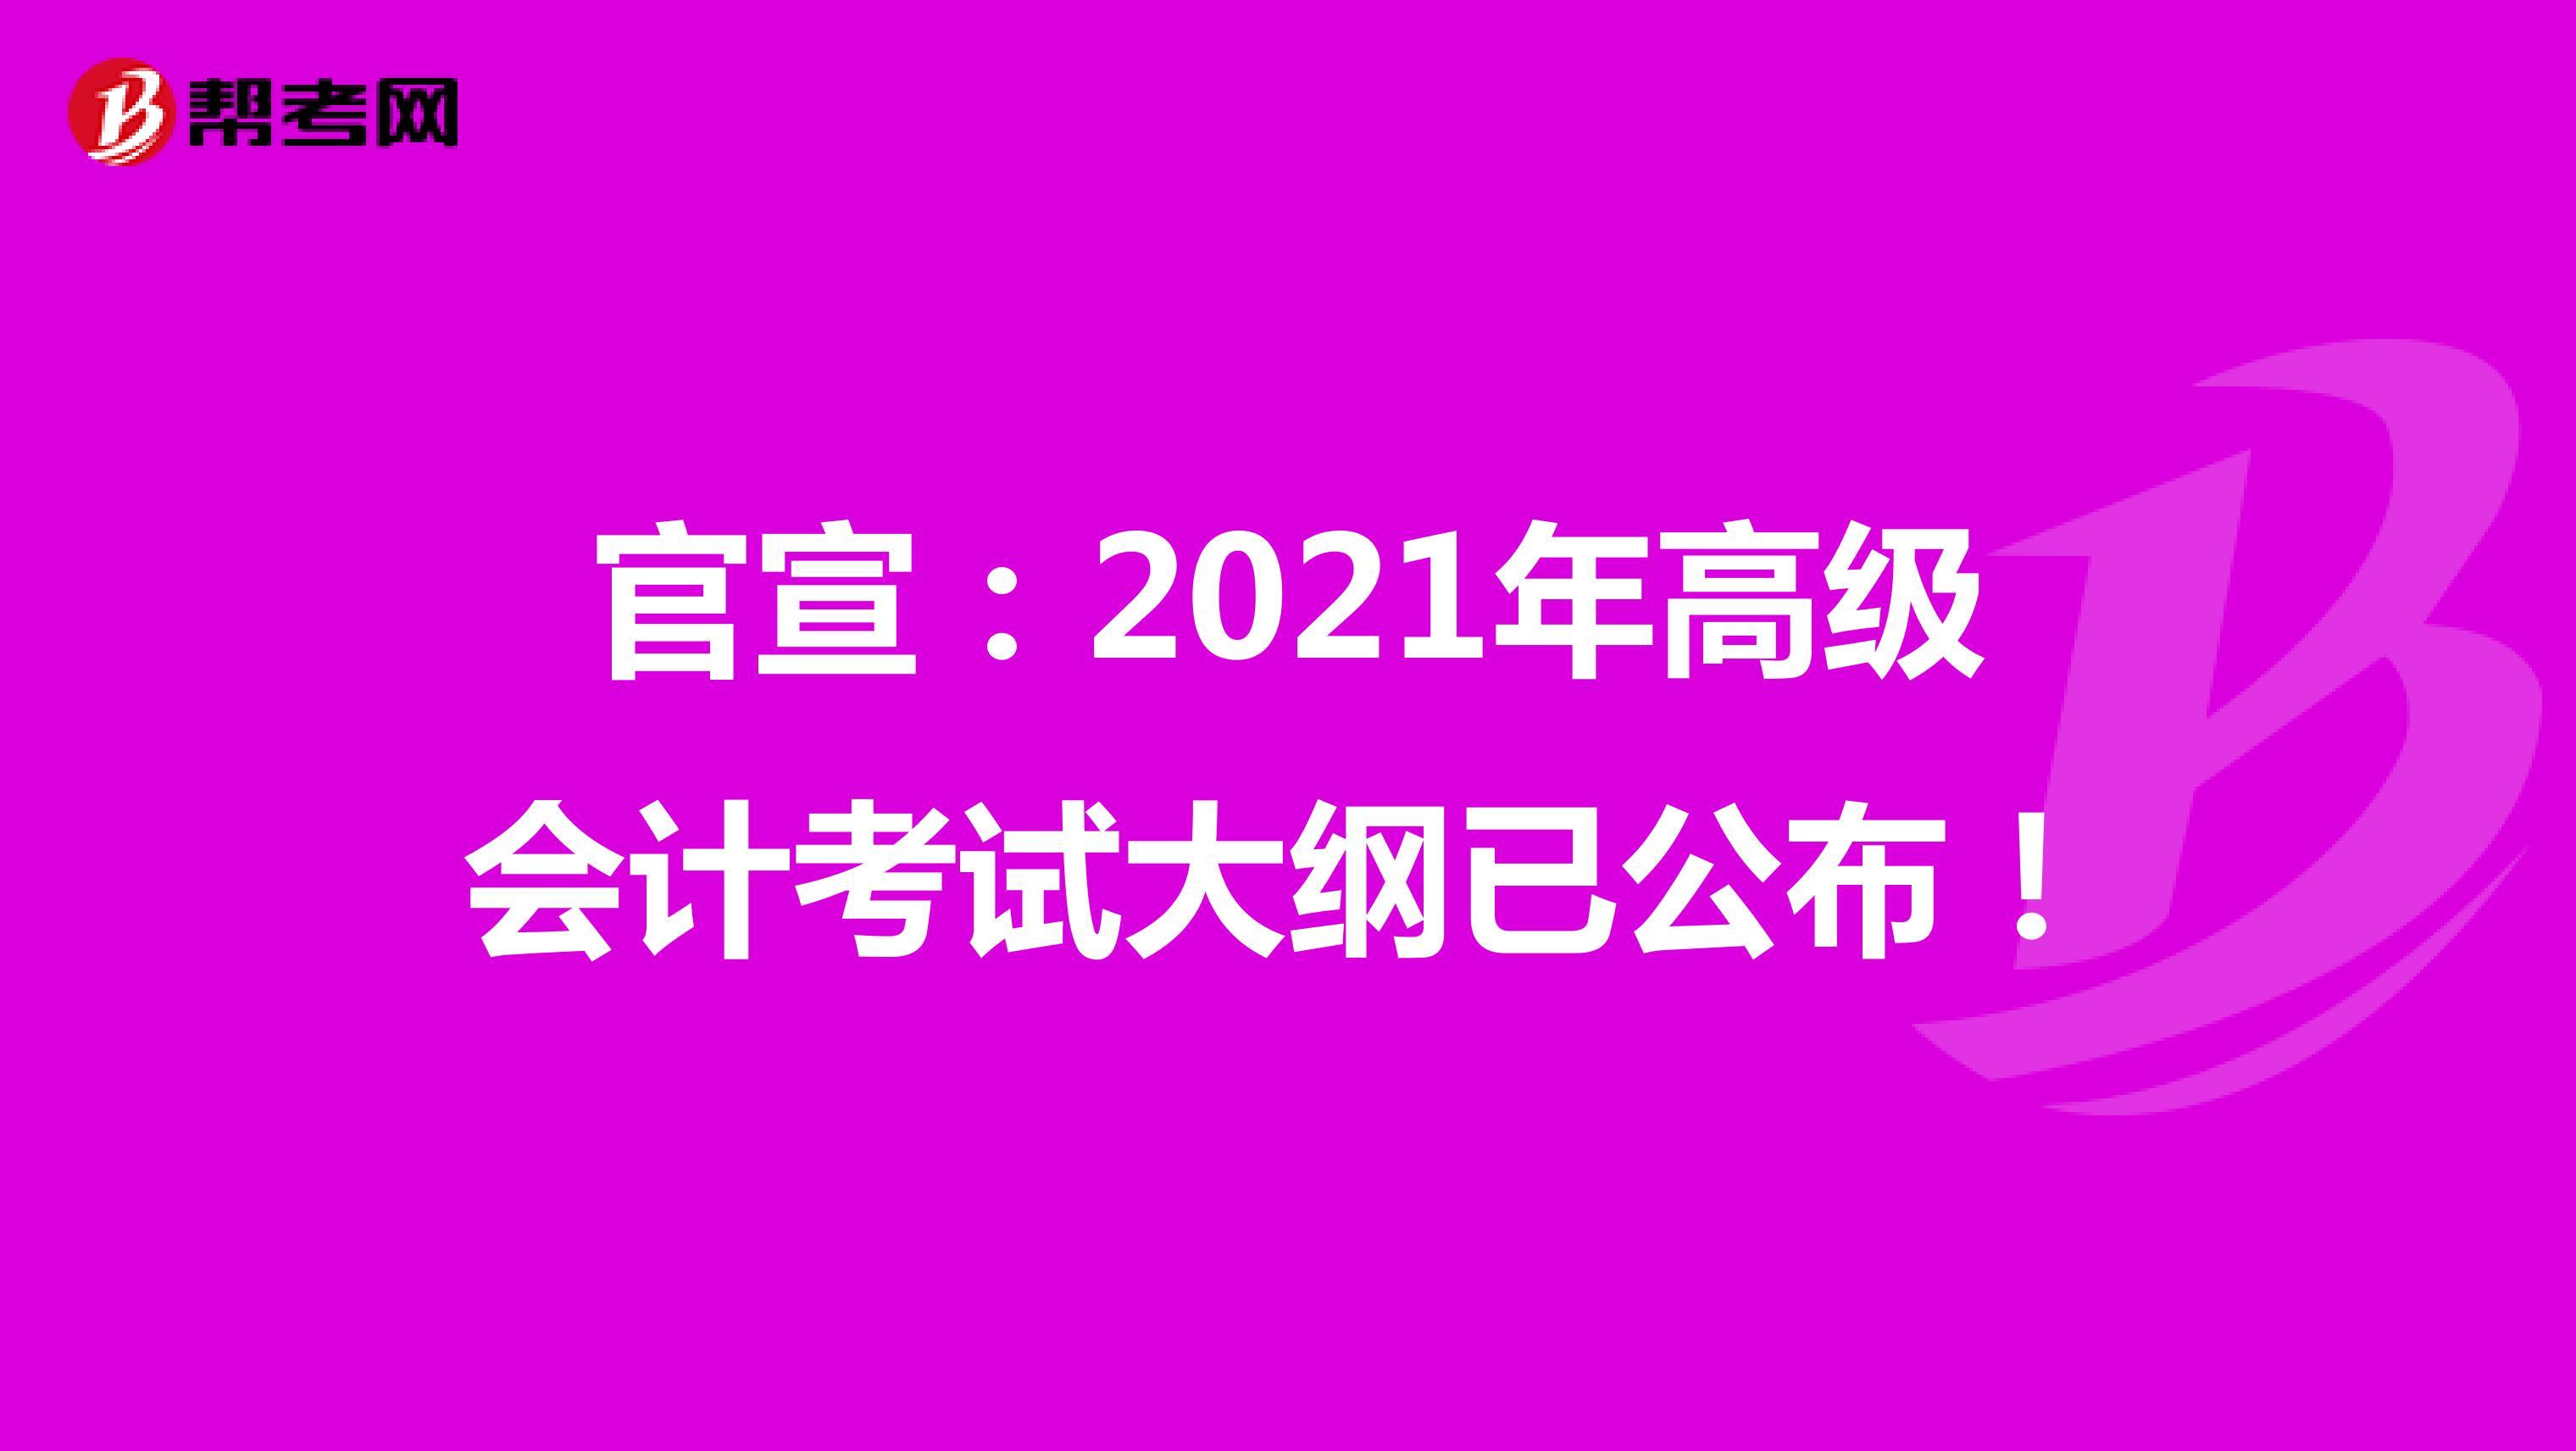 官宣:2021年高級會計考試大綱已公布!